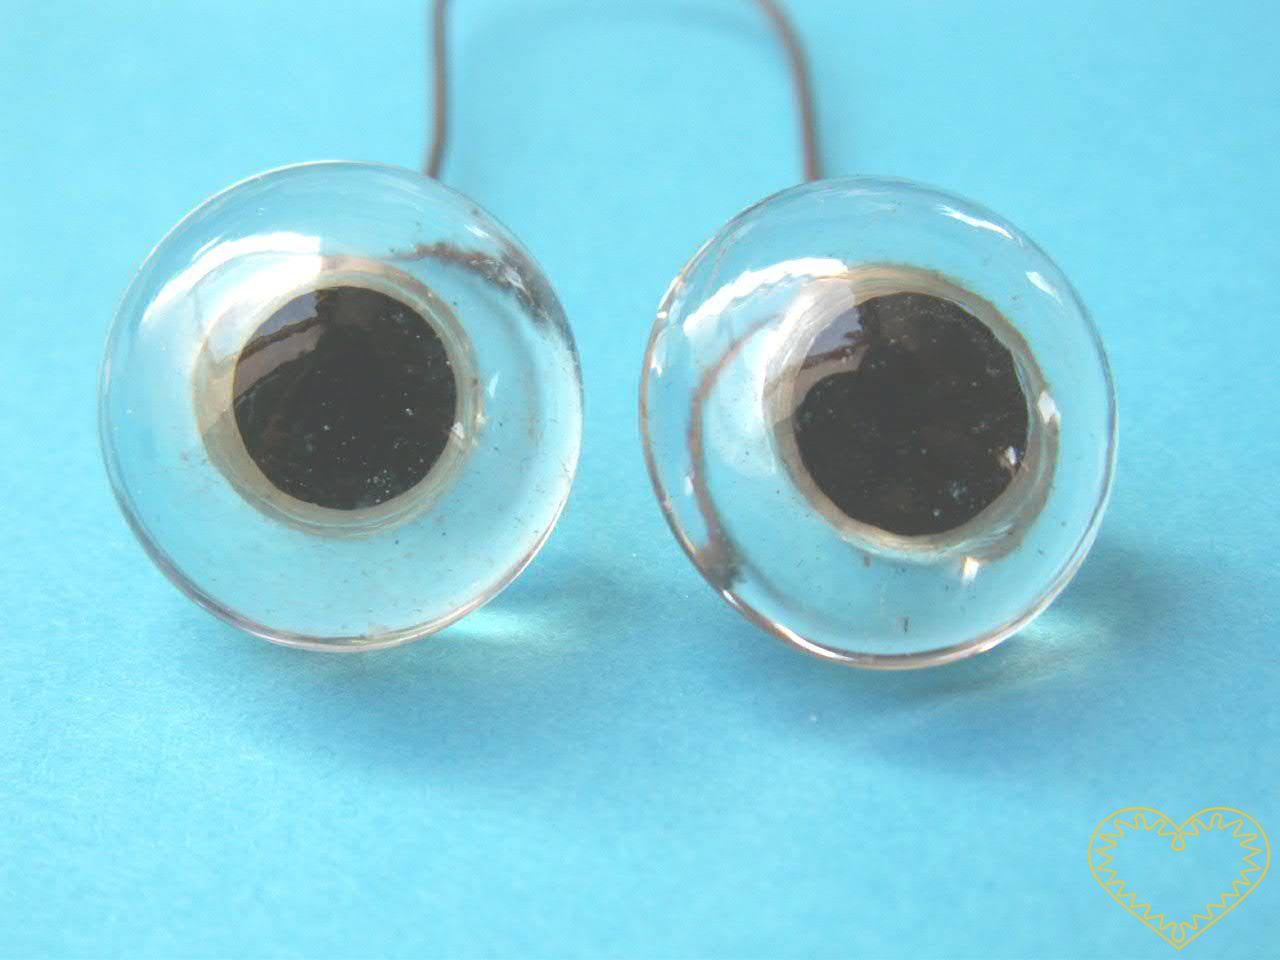 Originál staré skleněné oči - ø 1,9 cm. Oči pochází cca z počátku 20. století. Jsou spojeny do dvojic kovovým drátkem, který lze v případě potřeby rozstřihnout. Dříve se jich používalo hlavně při výrobě plyšových medvědů a panenek. Vhodné nejen pro t